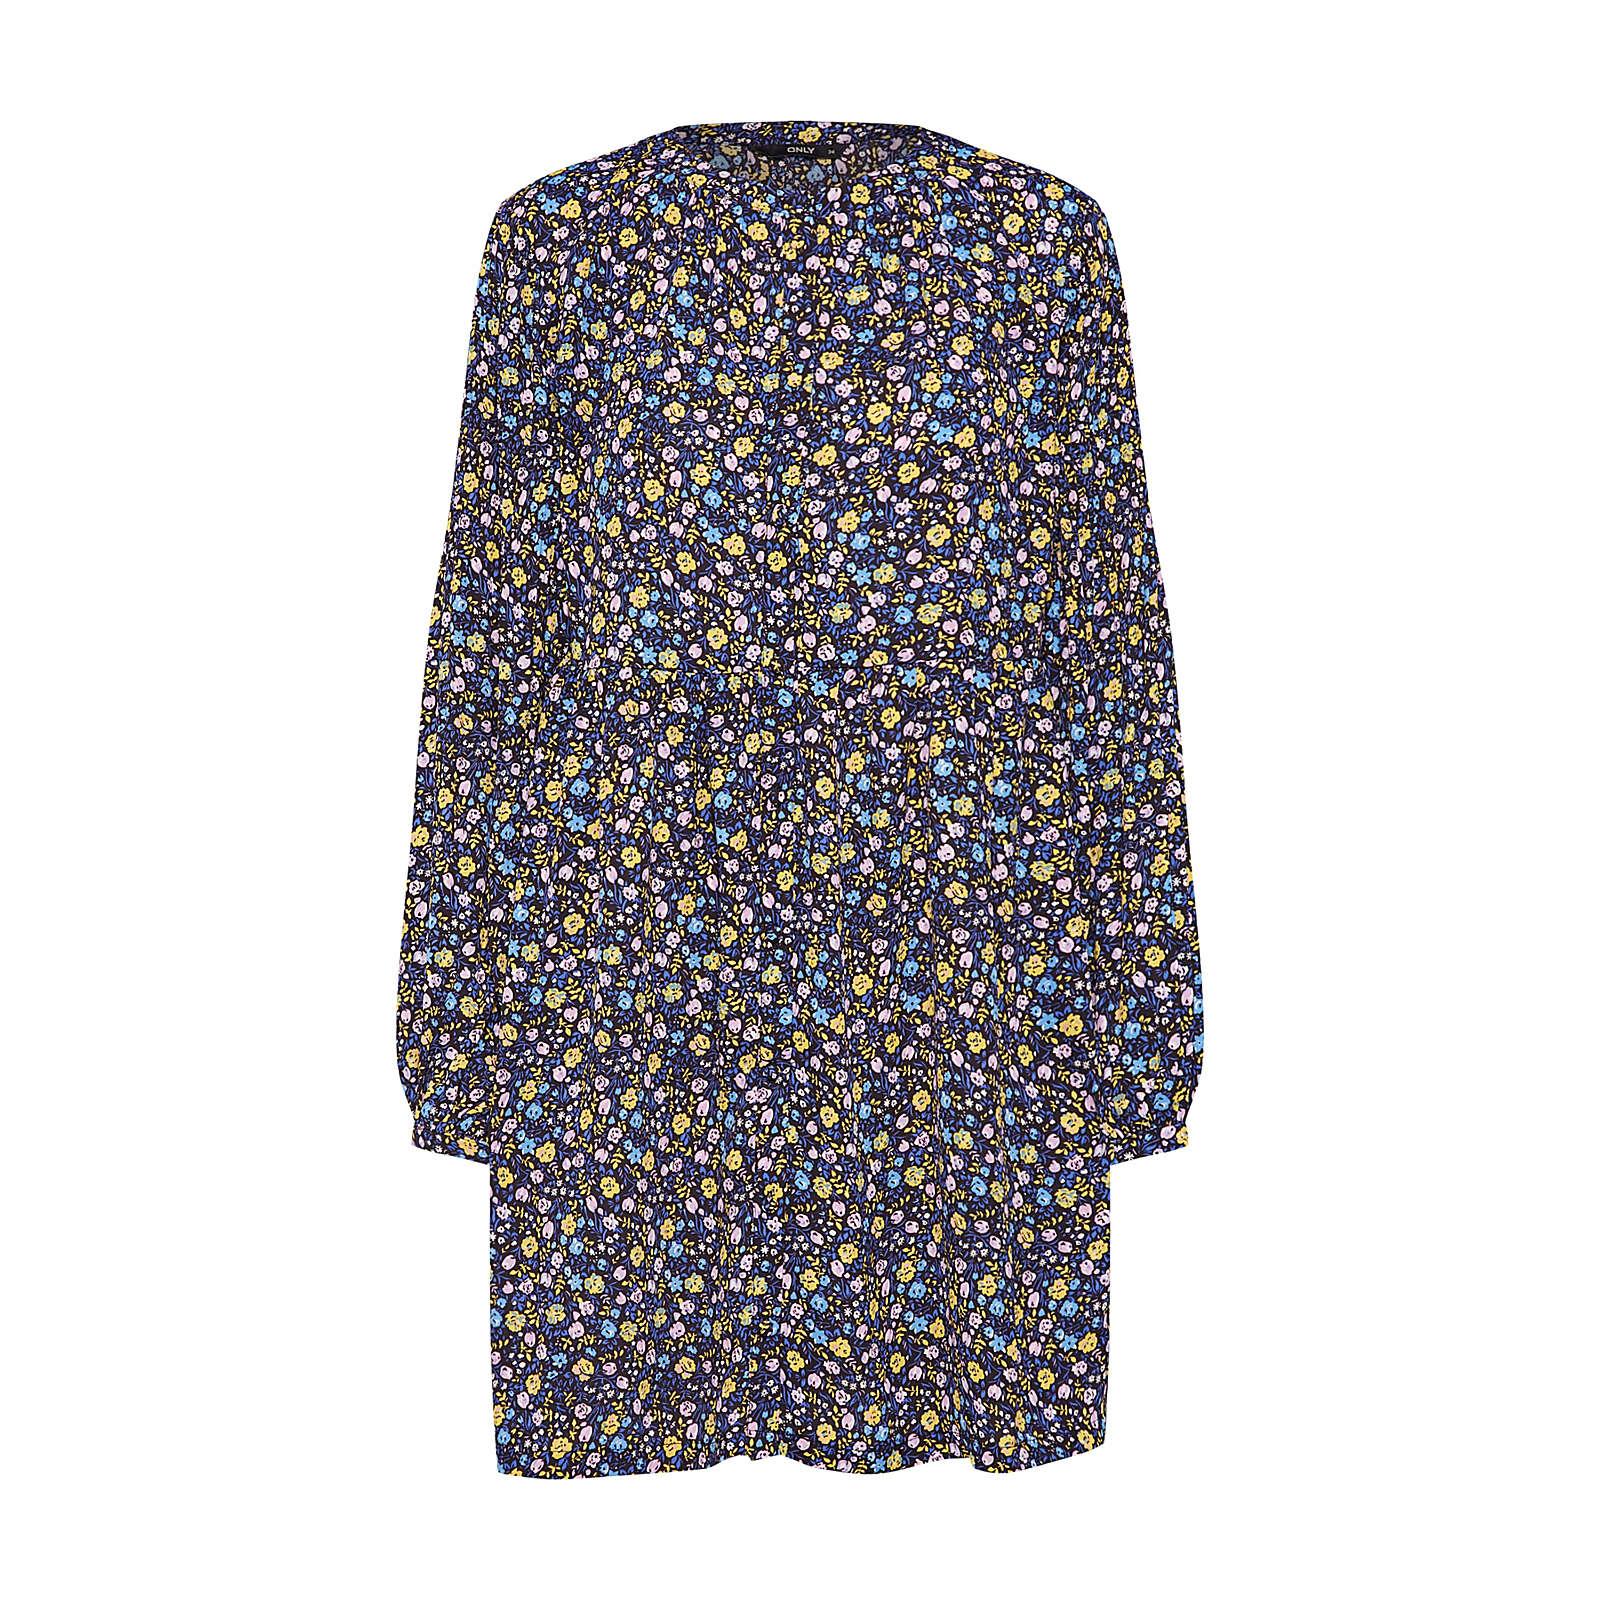 ONLY Blusenkleid PHOEBE Blusenkleider schwarz Damen Gr. 36